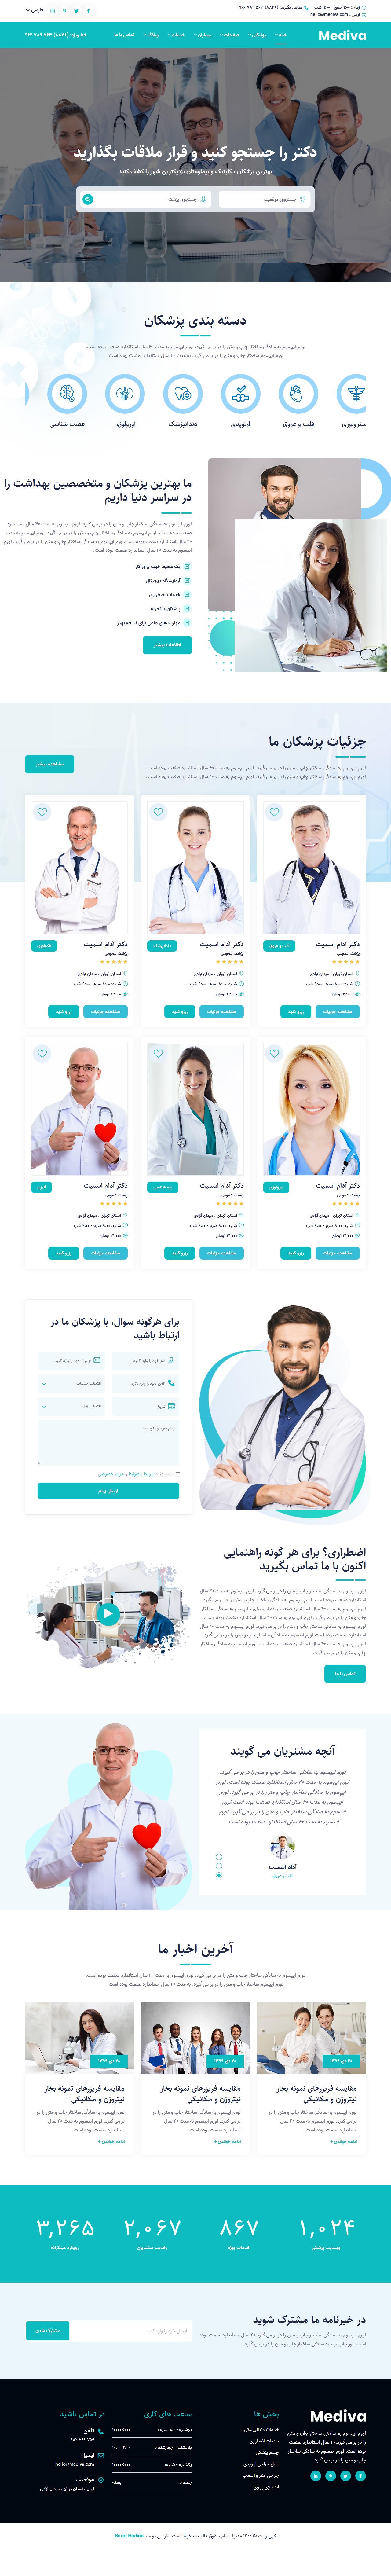 قالب HTML چندمنظوره پزشکی مدیوا